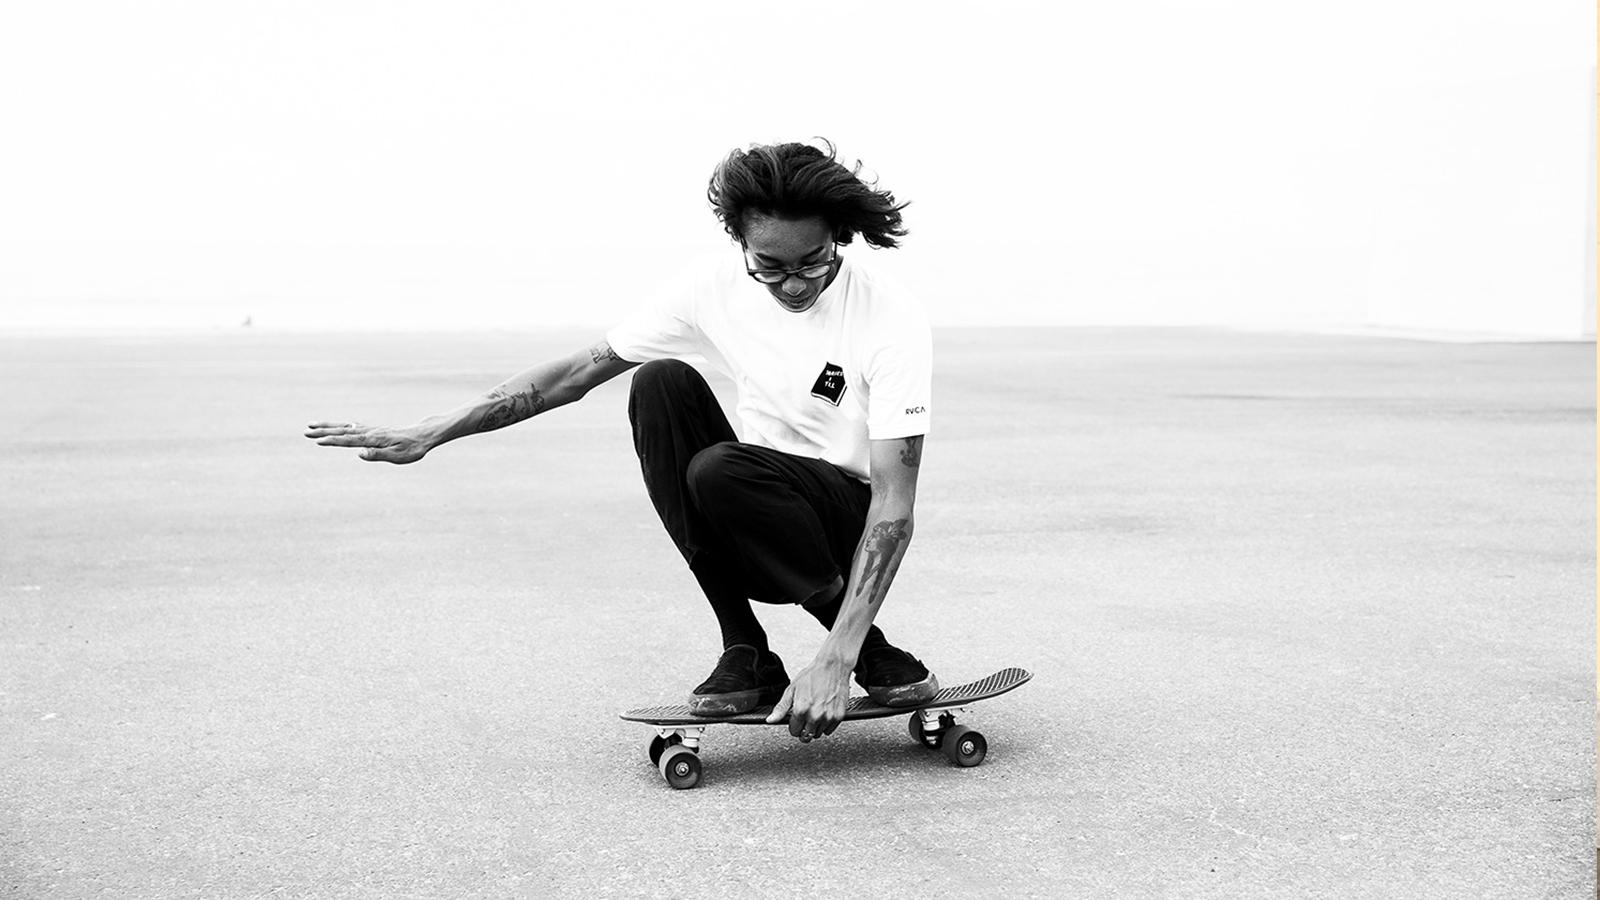 Penny-Skateboards-1